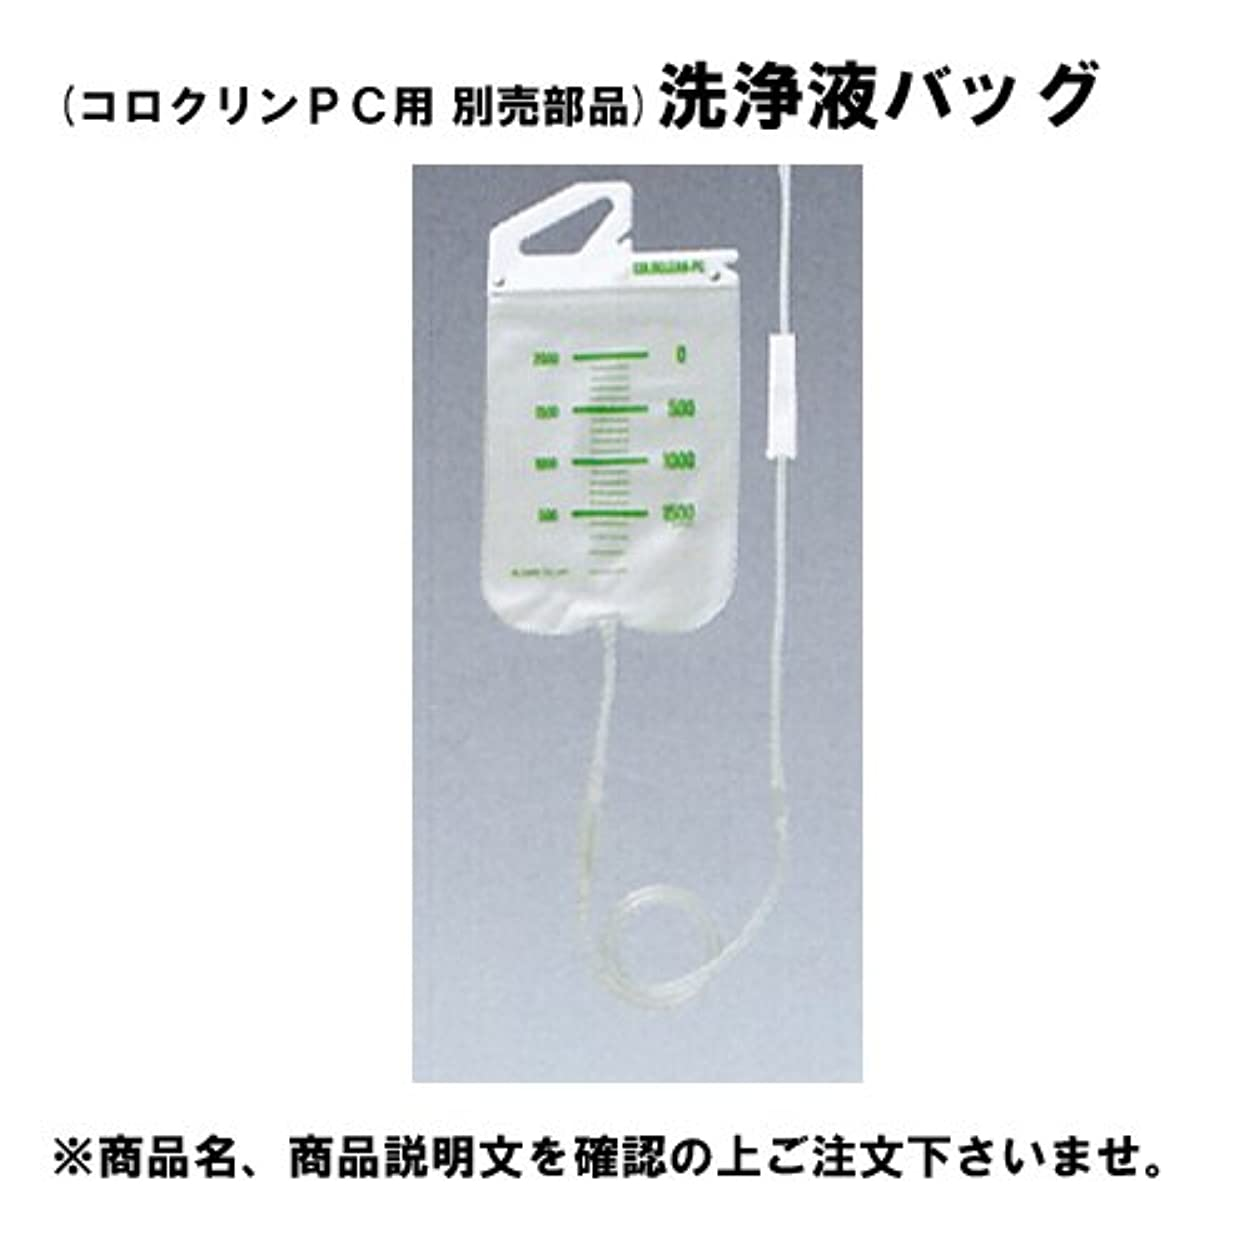 〔アルケア〕コロクリンPC用部品 洗浄液バッグ 容量2000ml(ロールクランプ付)×1個入〔品番:13411〕